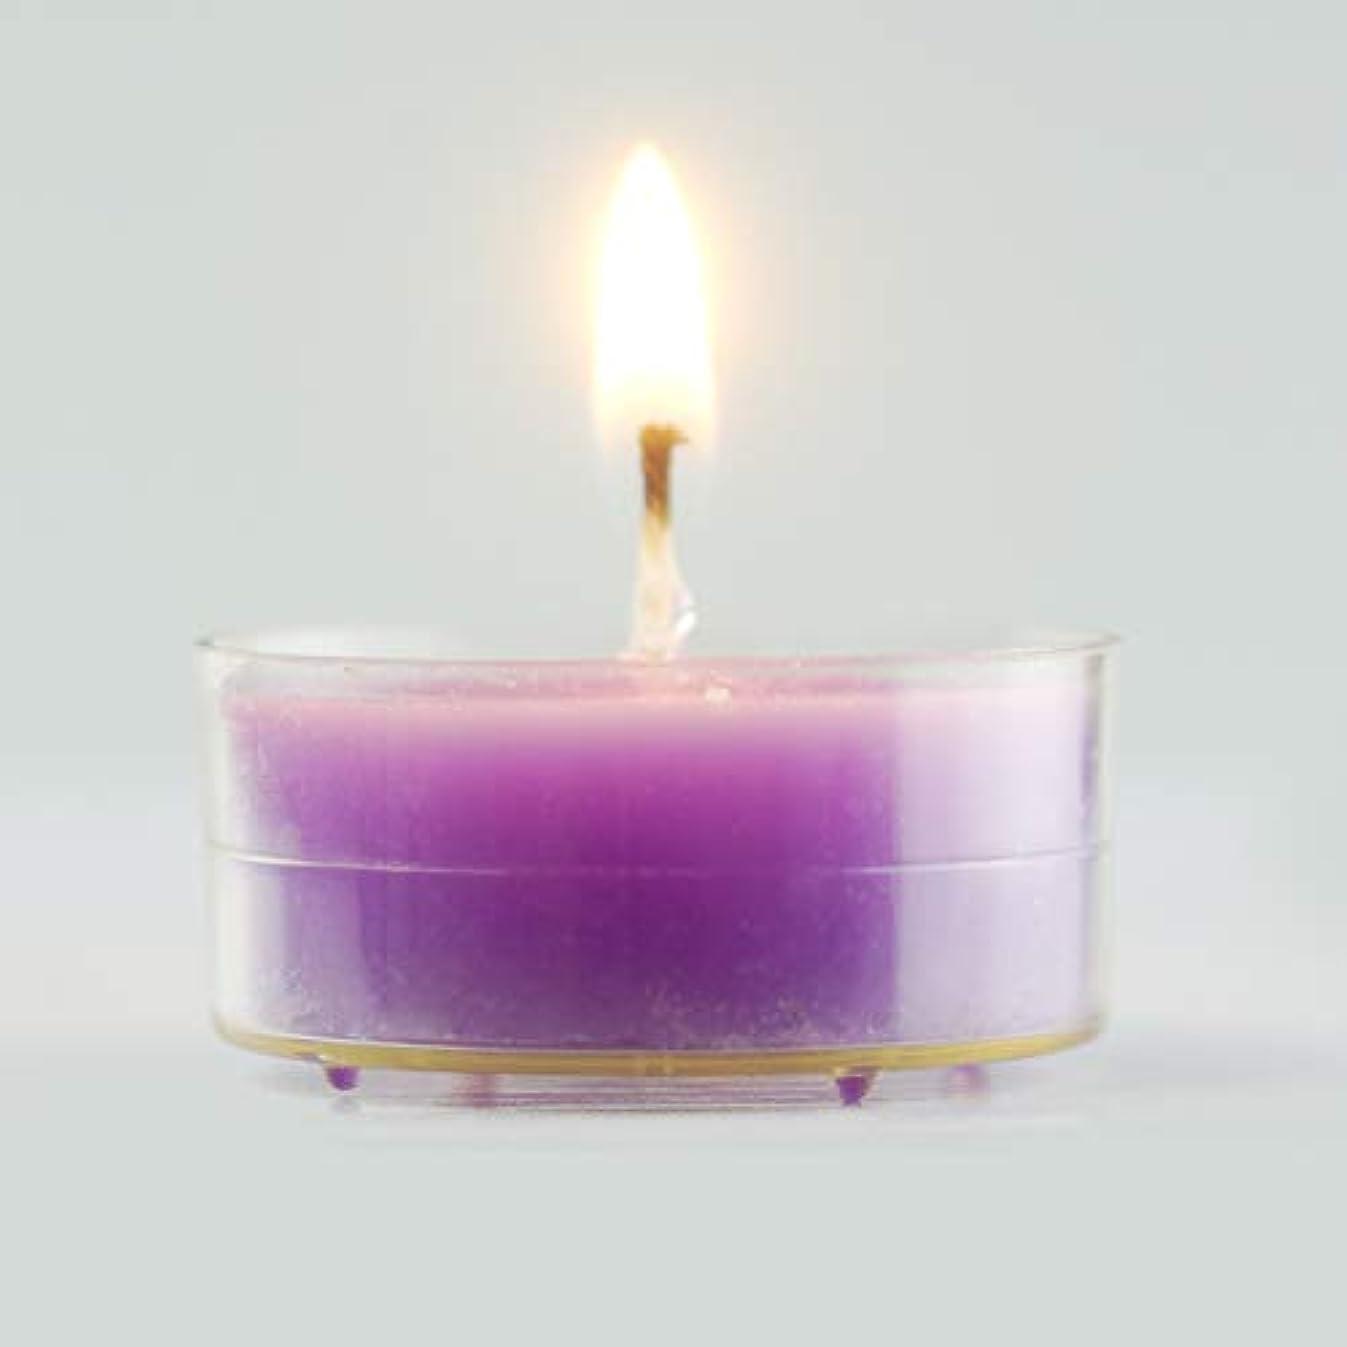 カヌー受賞大砲環境に優しいキャンドル きれいな無煙大豆ワックス色味茶ワックス48ピース4時間燃える時間白いキャンドルライト用家の装飾、クリスマス休暇、結婚披露宴の装飾 実用的な無煙キャンドル (Color : Purple)